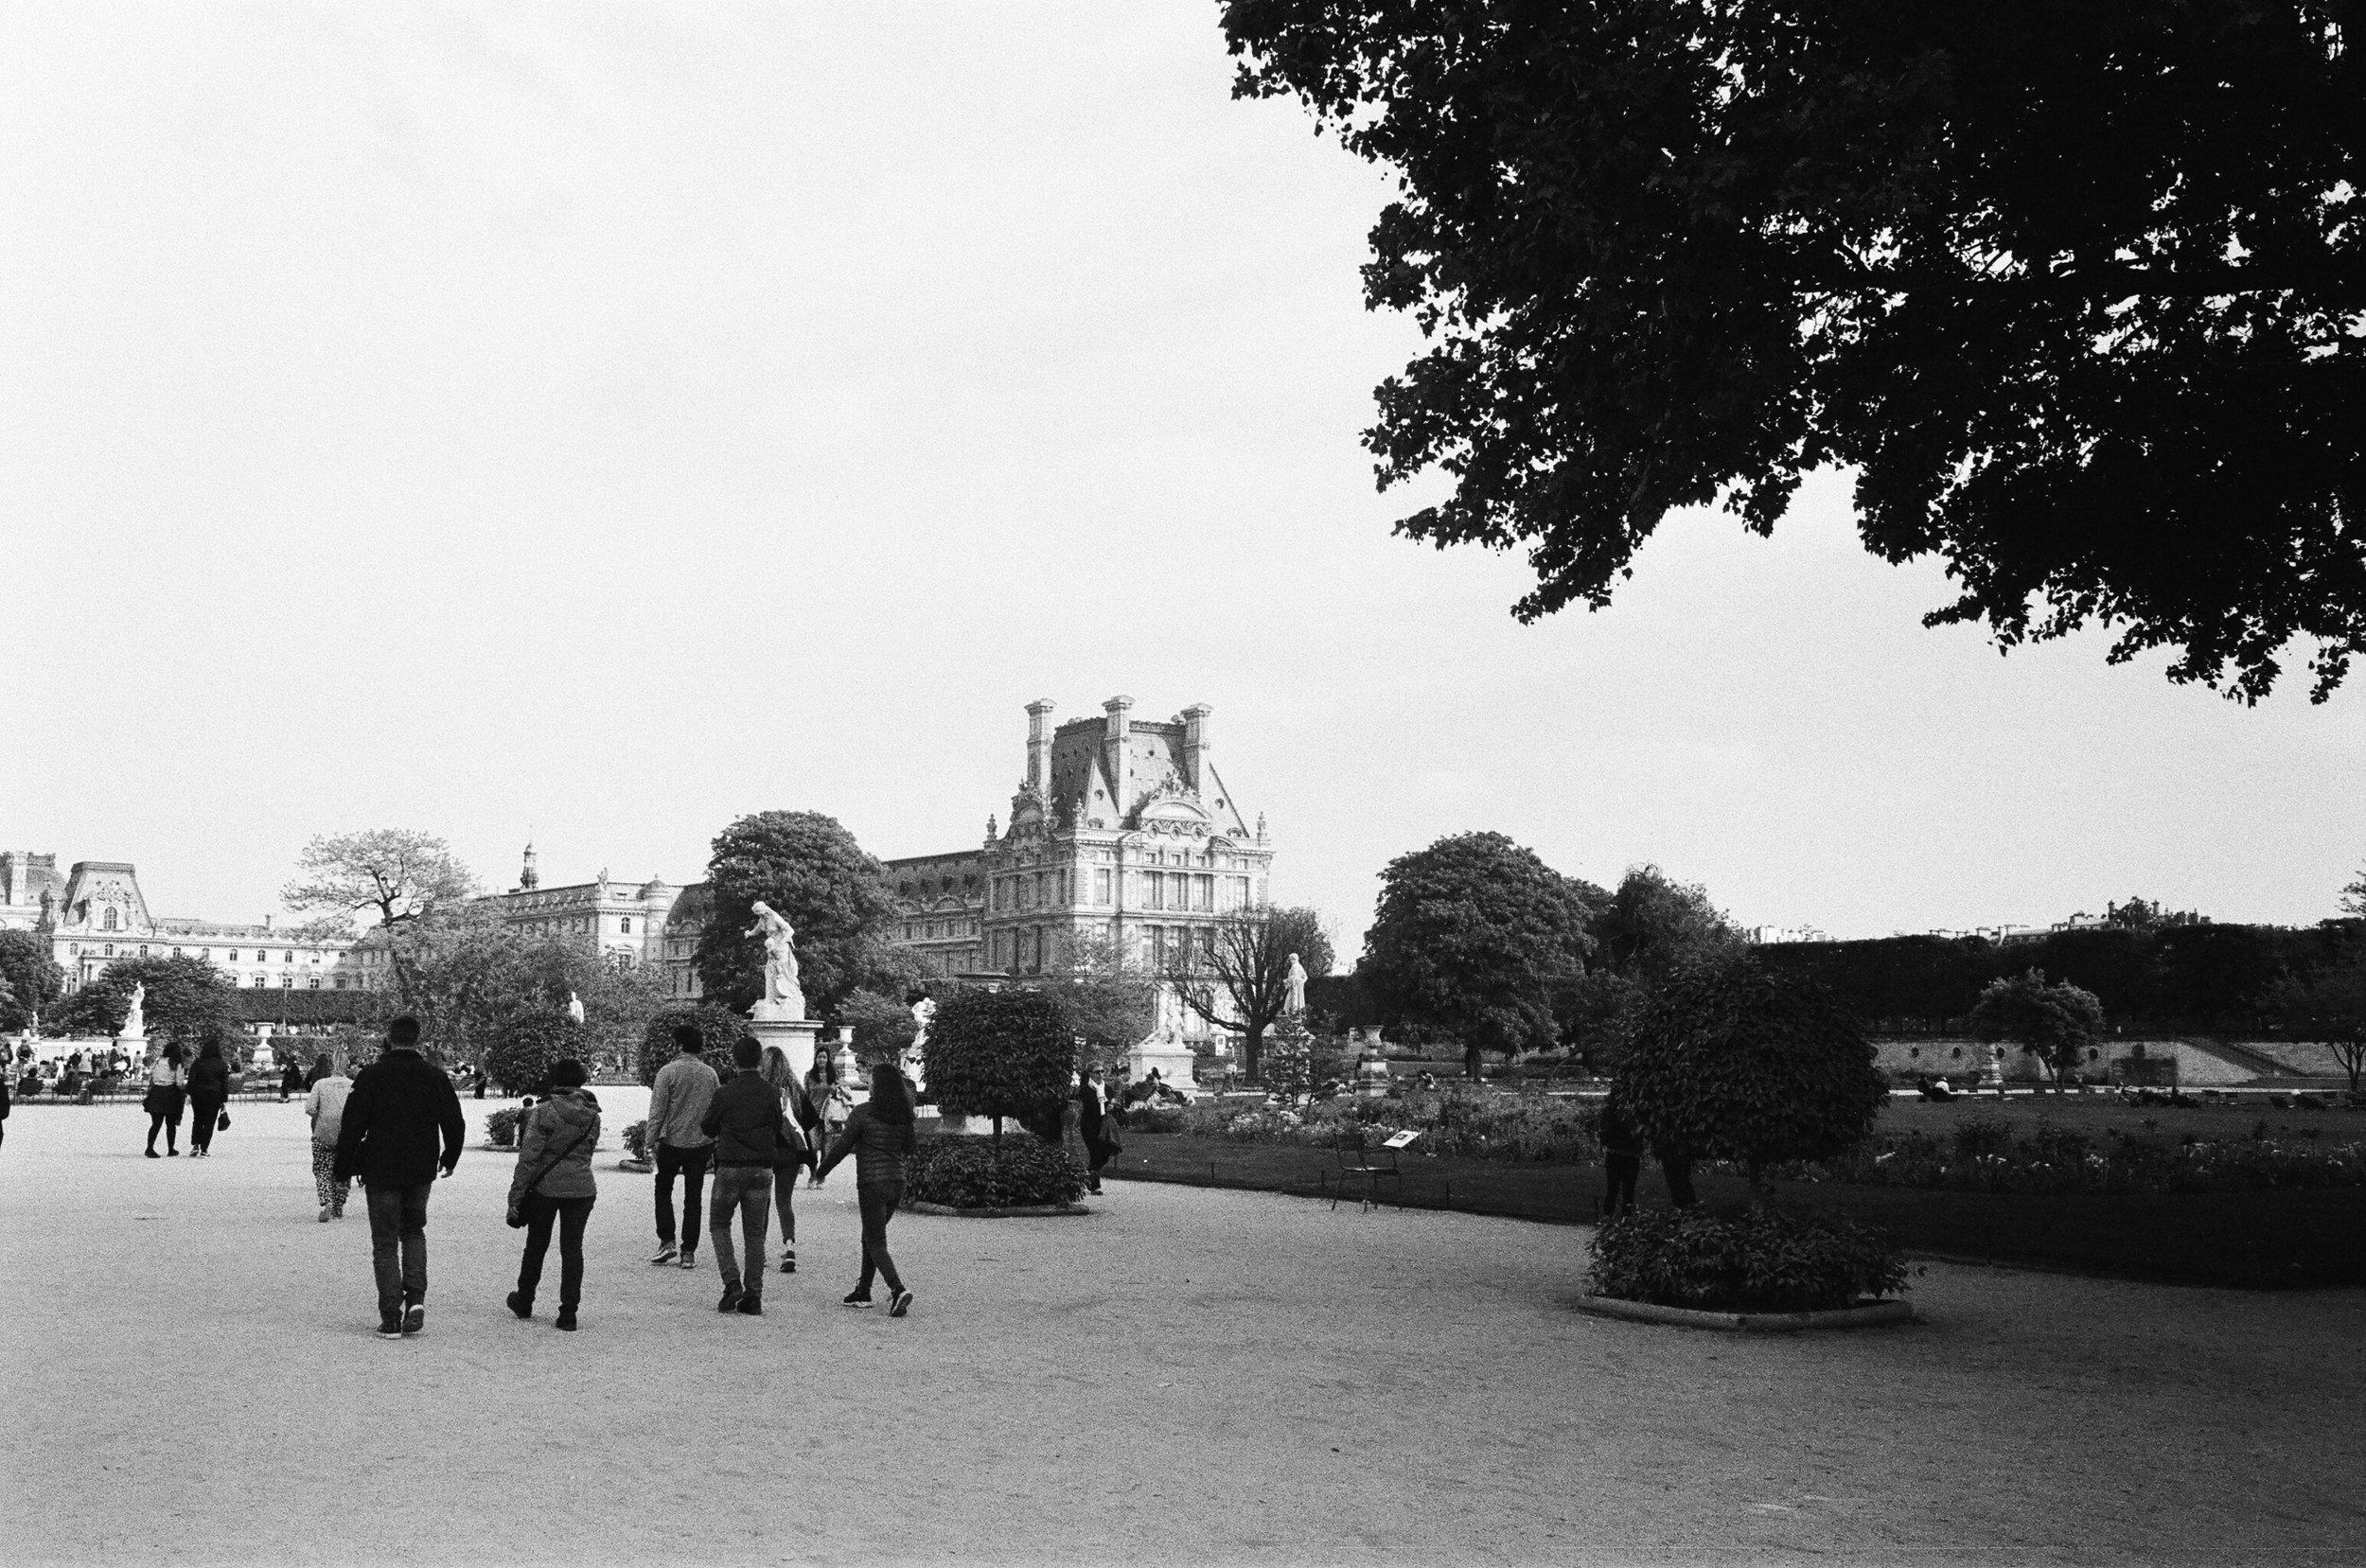 The Lourve in Paris, France